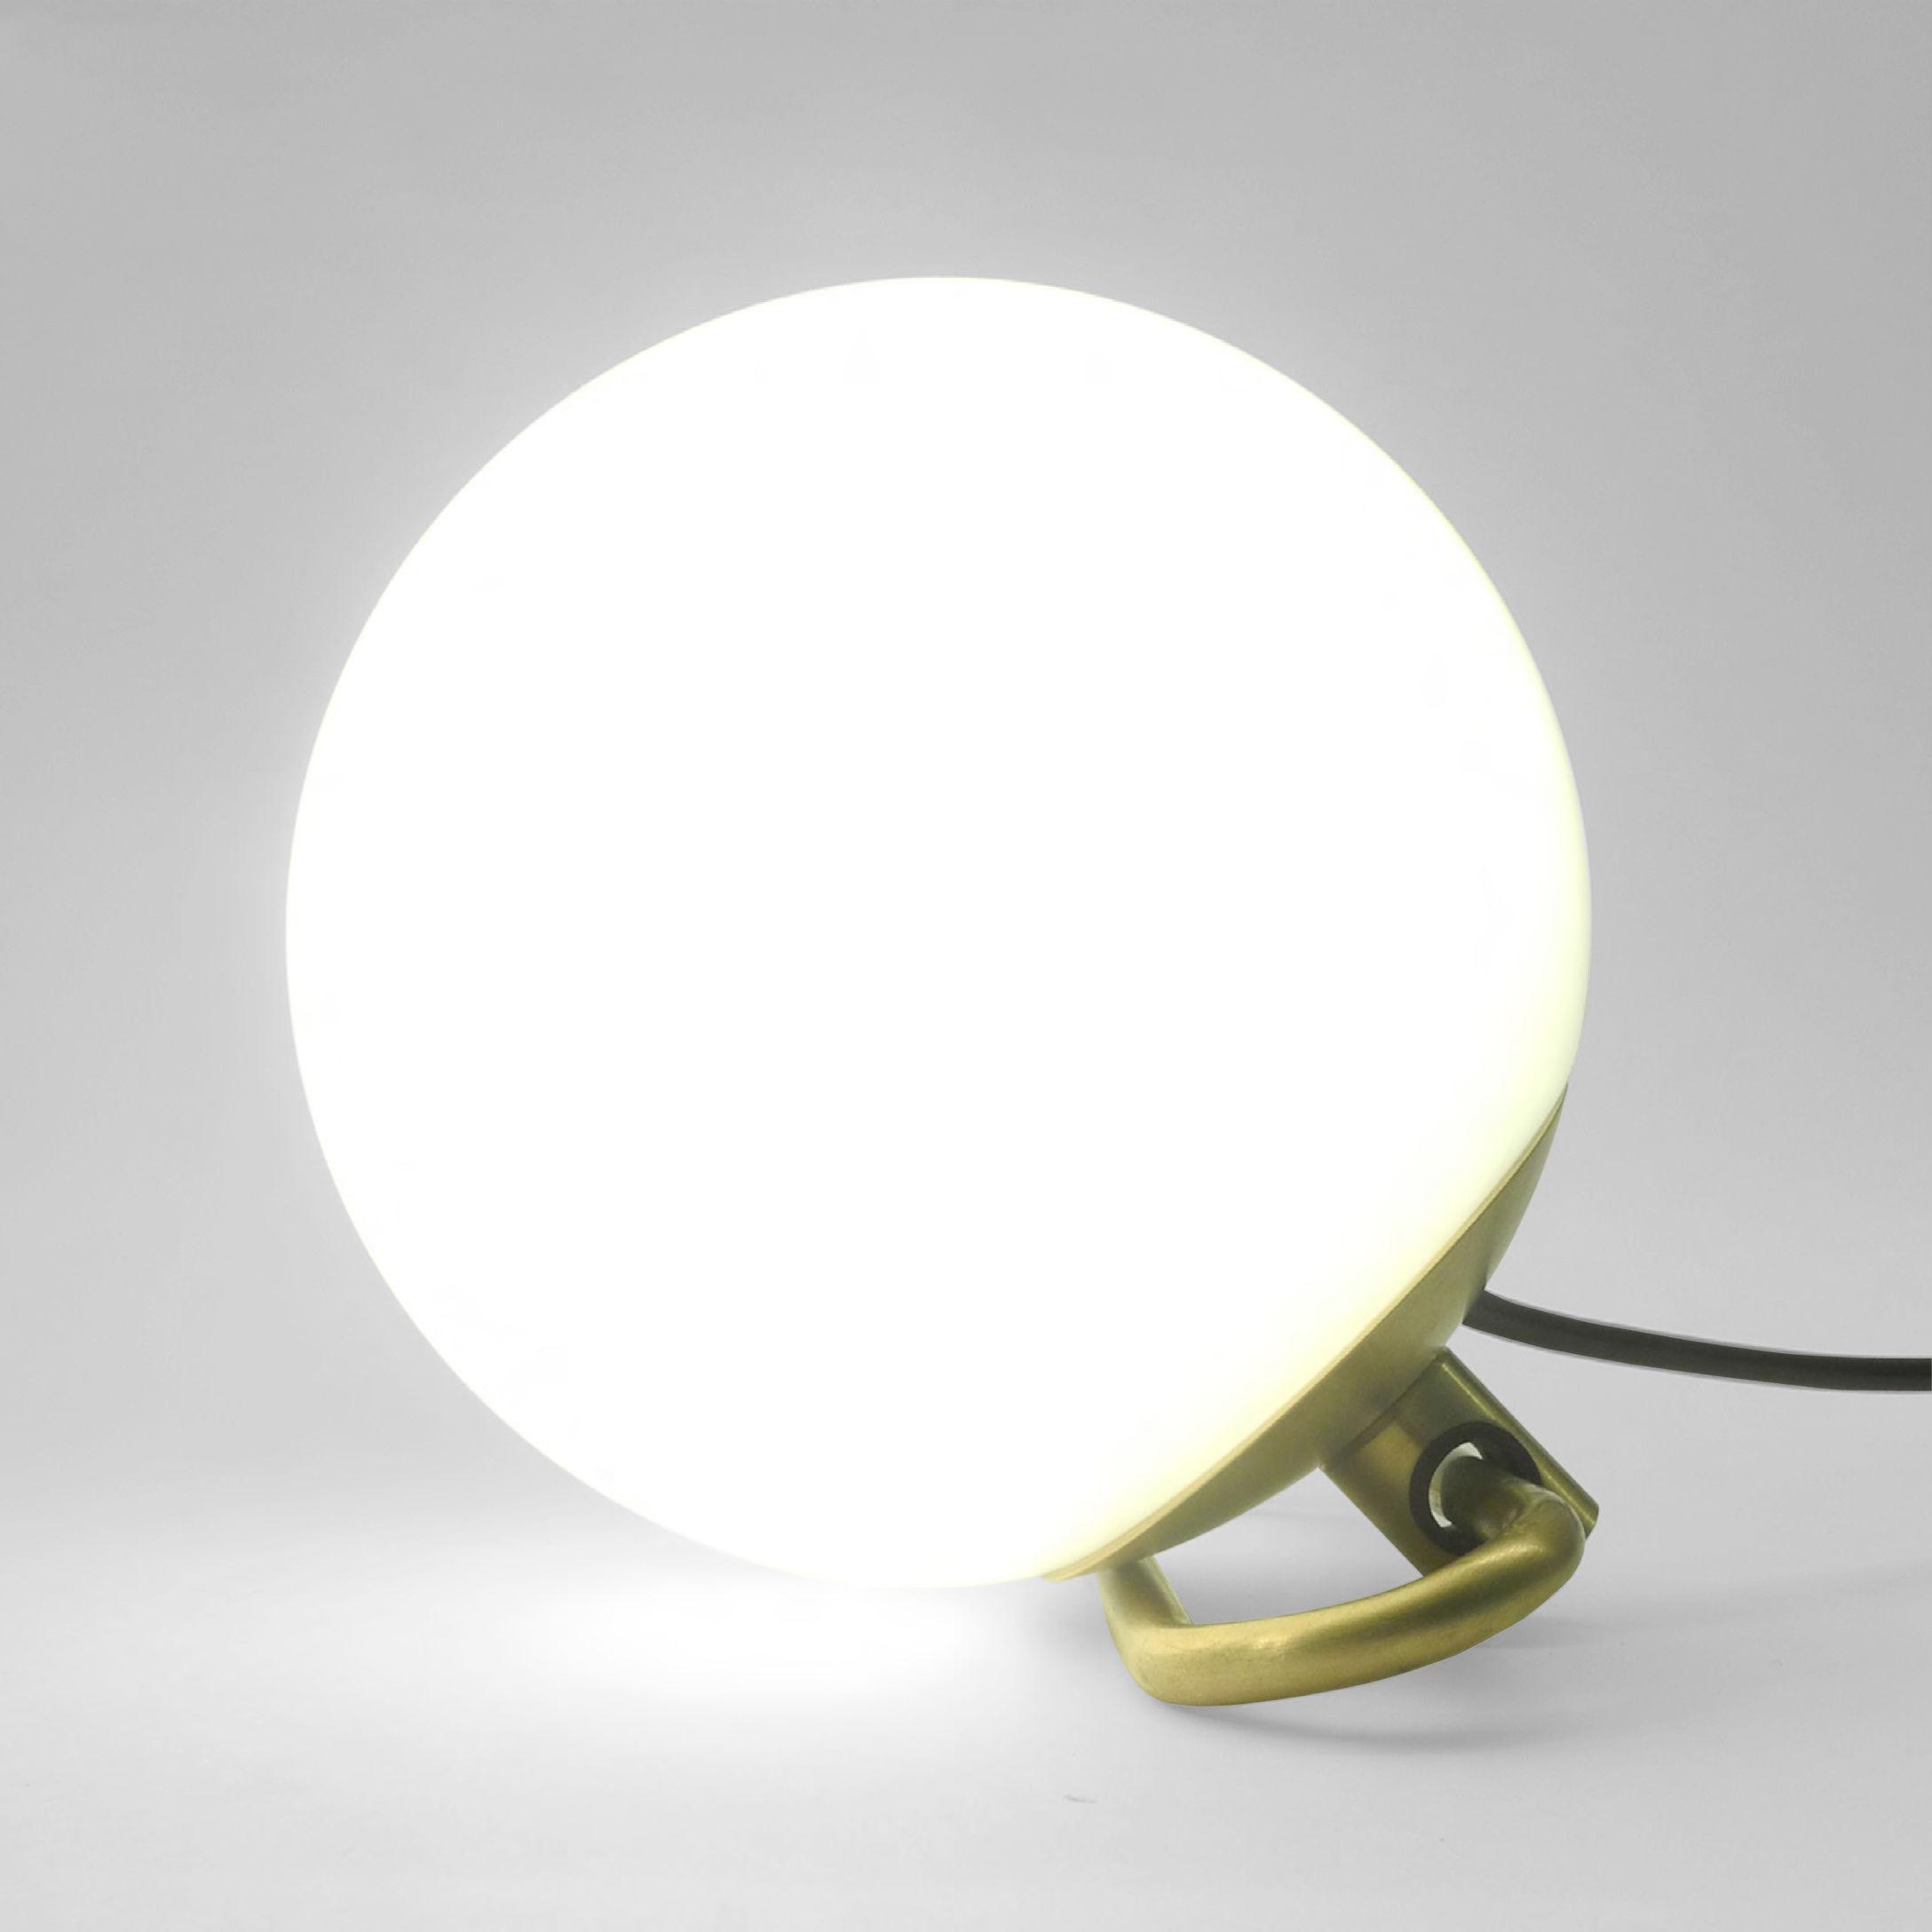 Luminaire - Lampes de table - Lampe Yanzi / à poser ou suspendre - Edition limitée - Artemide - Laiton / Sphère blanche - Laiton brossé, Verre soufflé